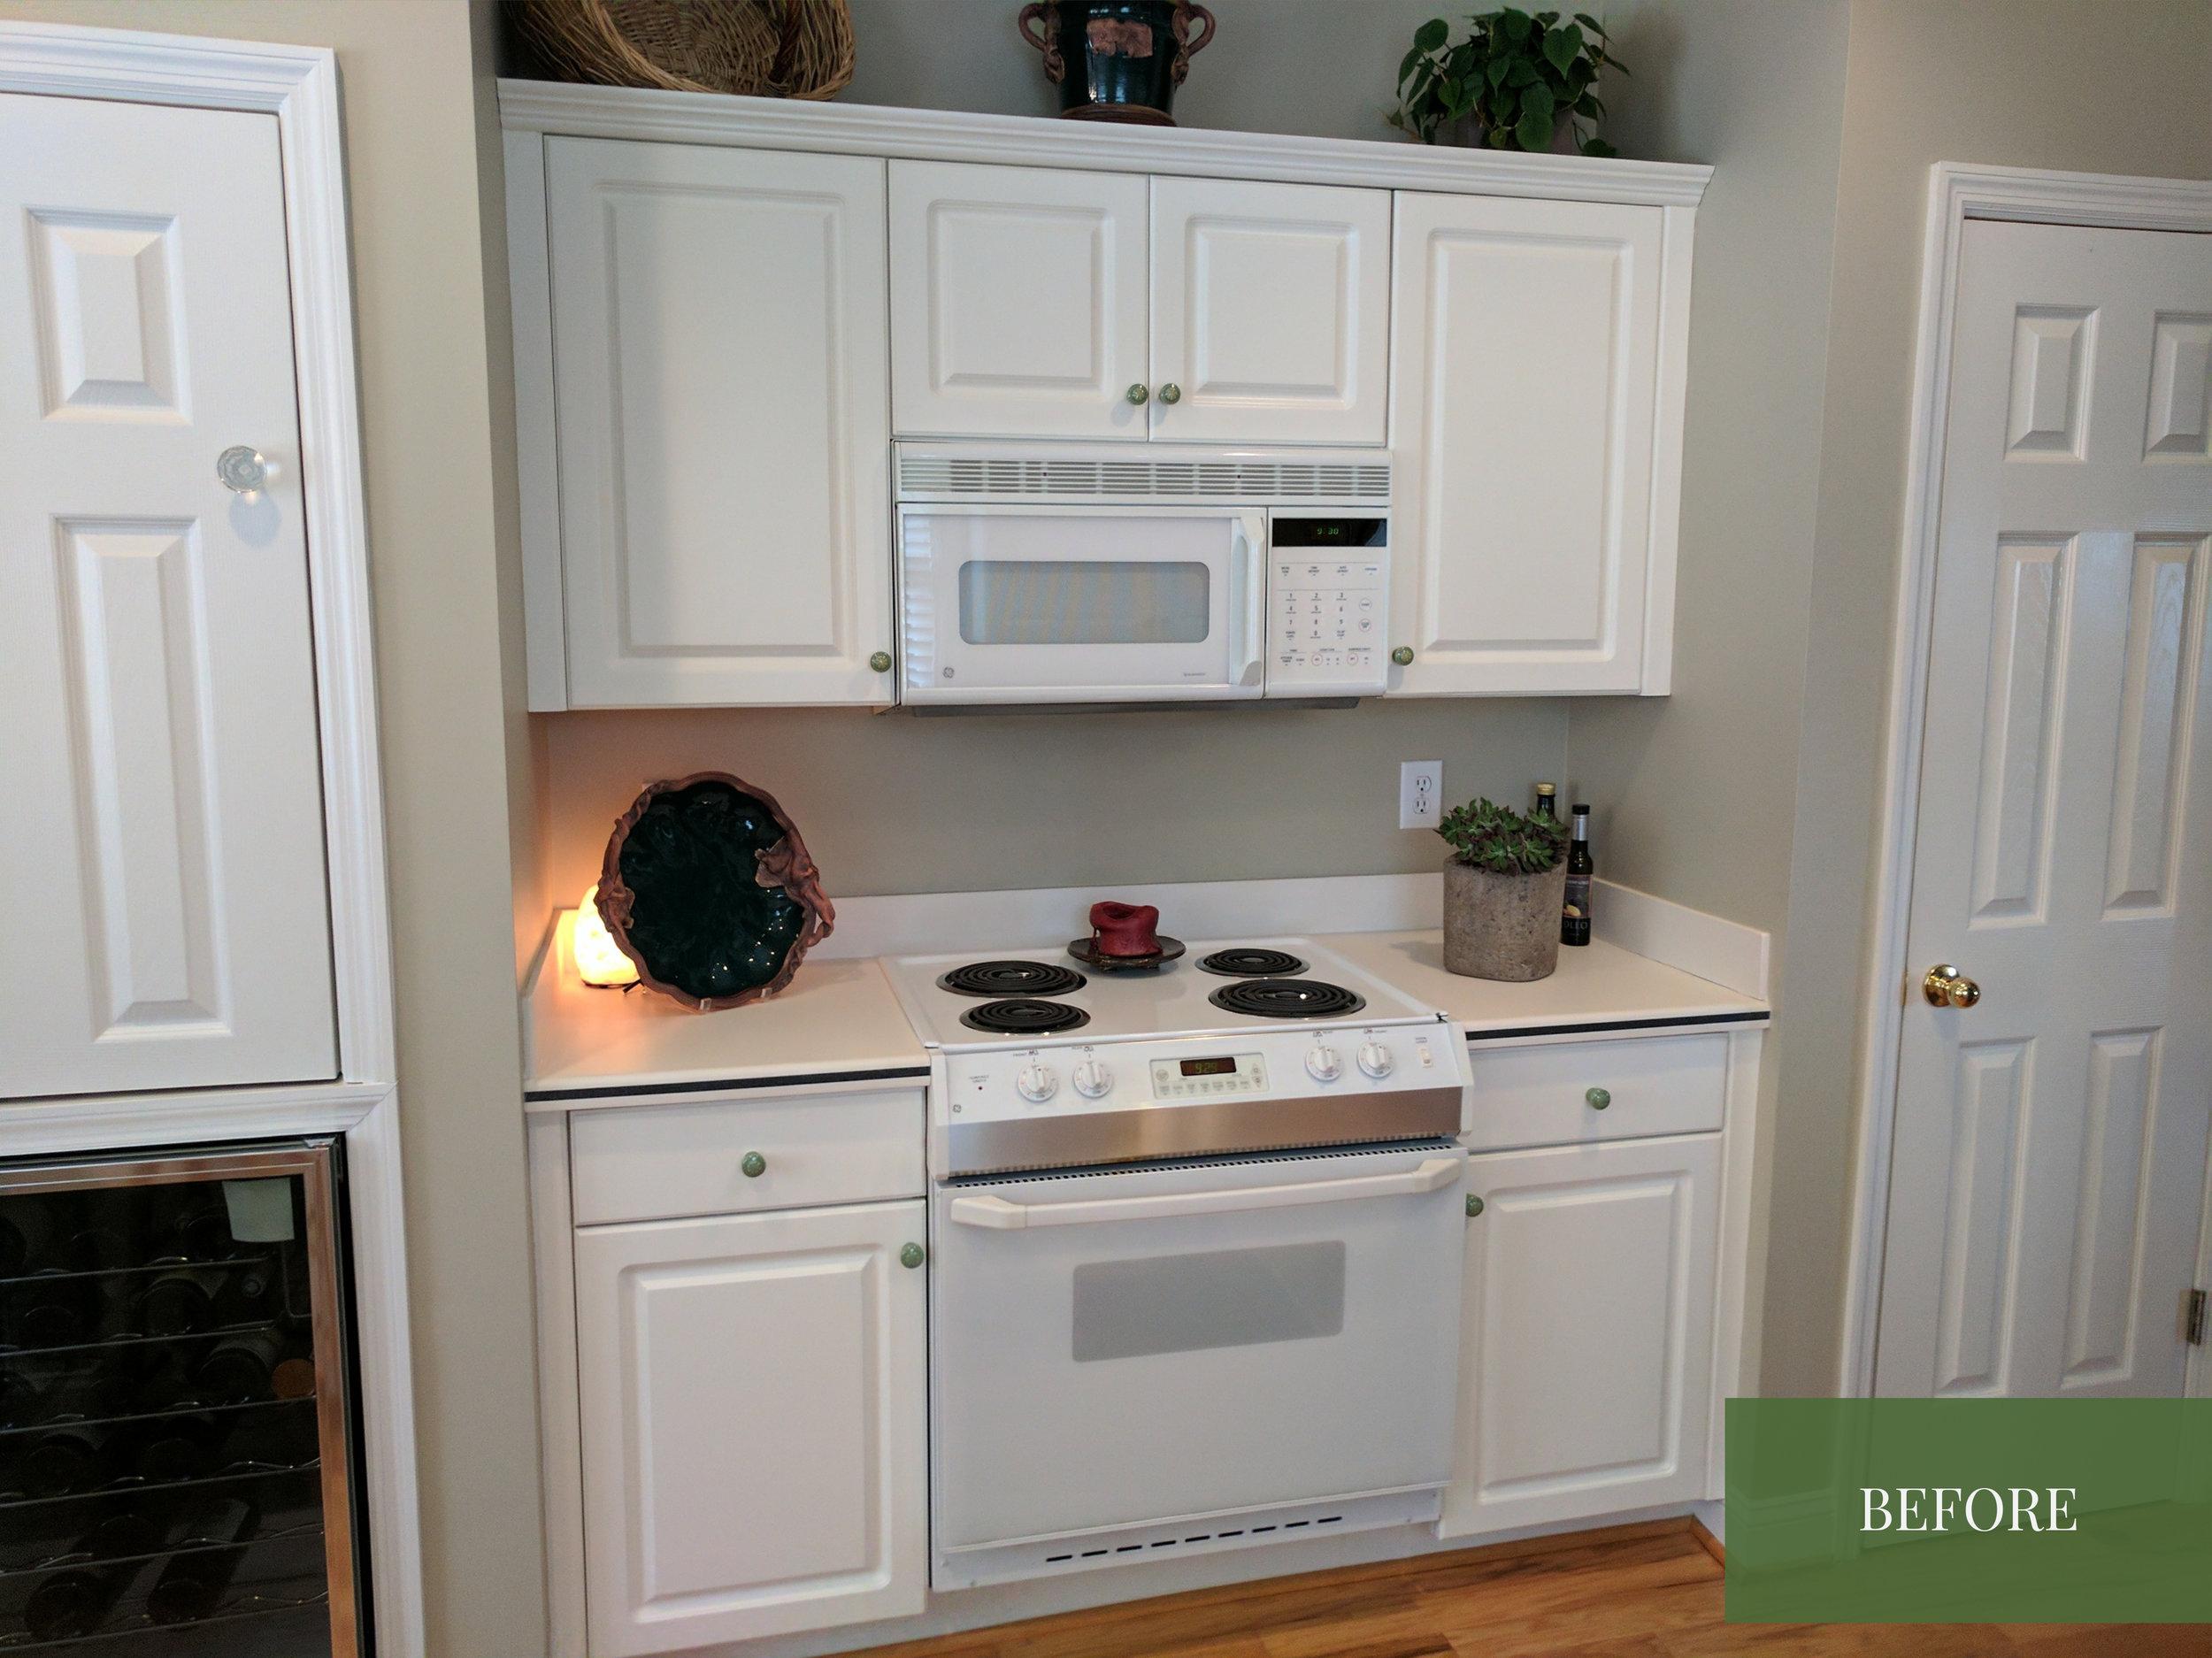 Wildmon Kitchen - Range B4.jpg